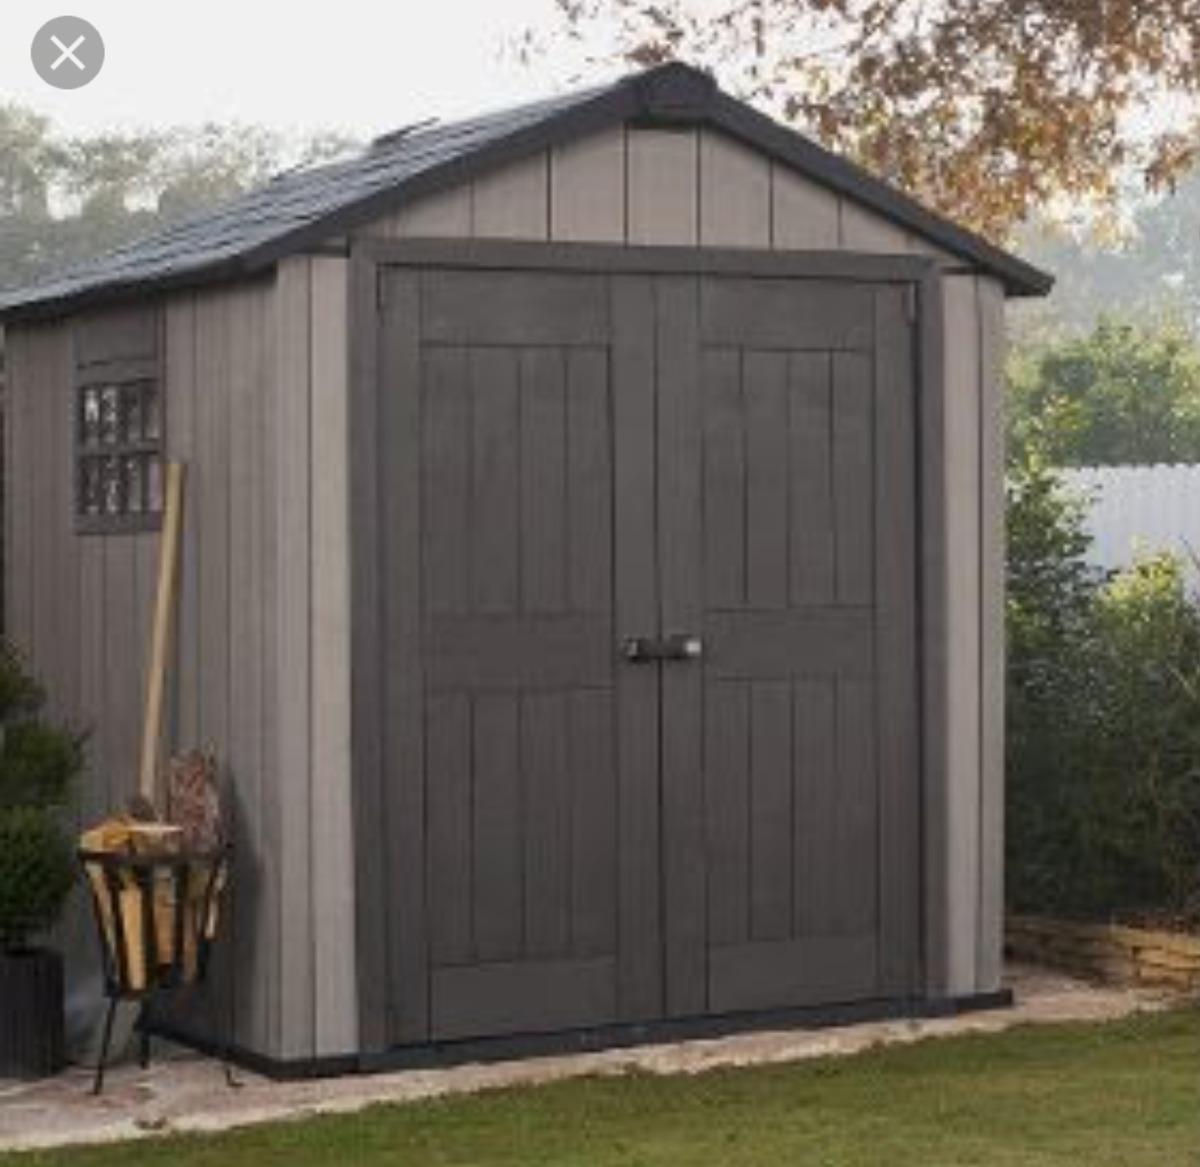 Cobertizo casa para guardar herramientas caseta 19 425 for Casetas para guardar herramientas de jardin